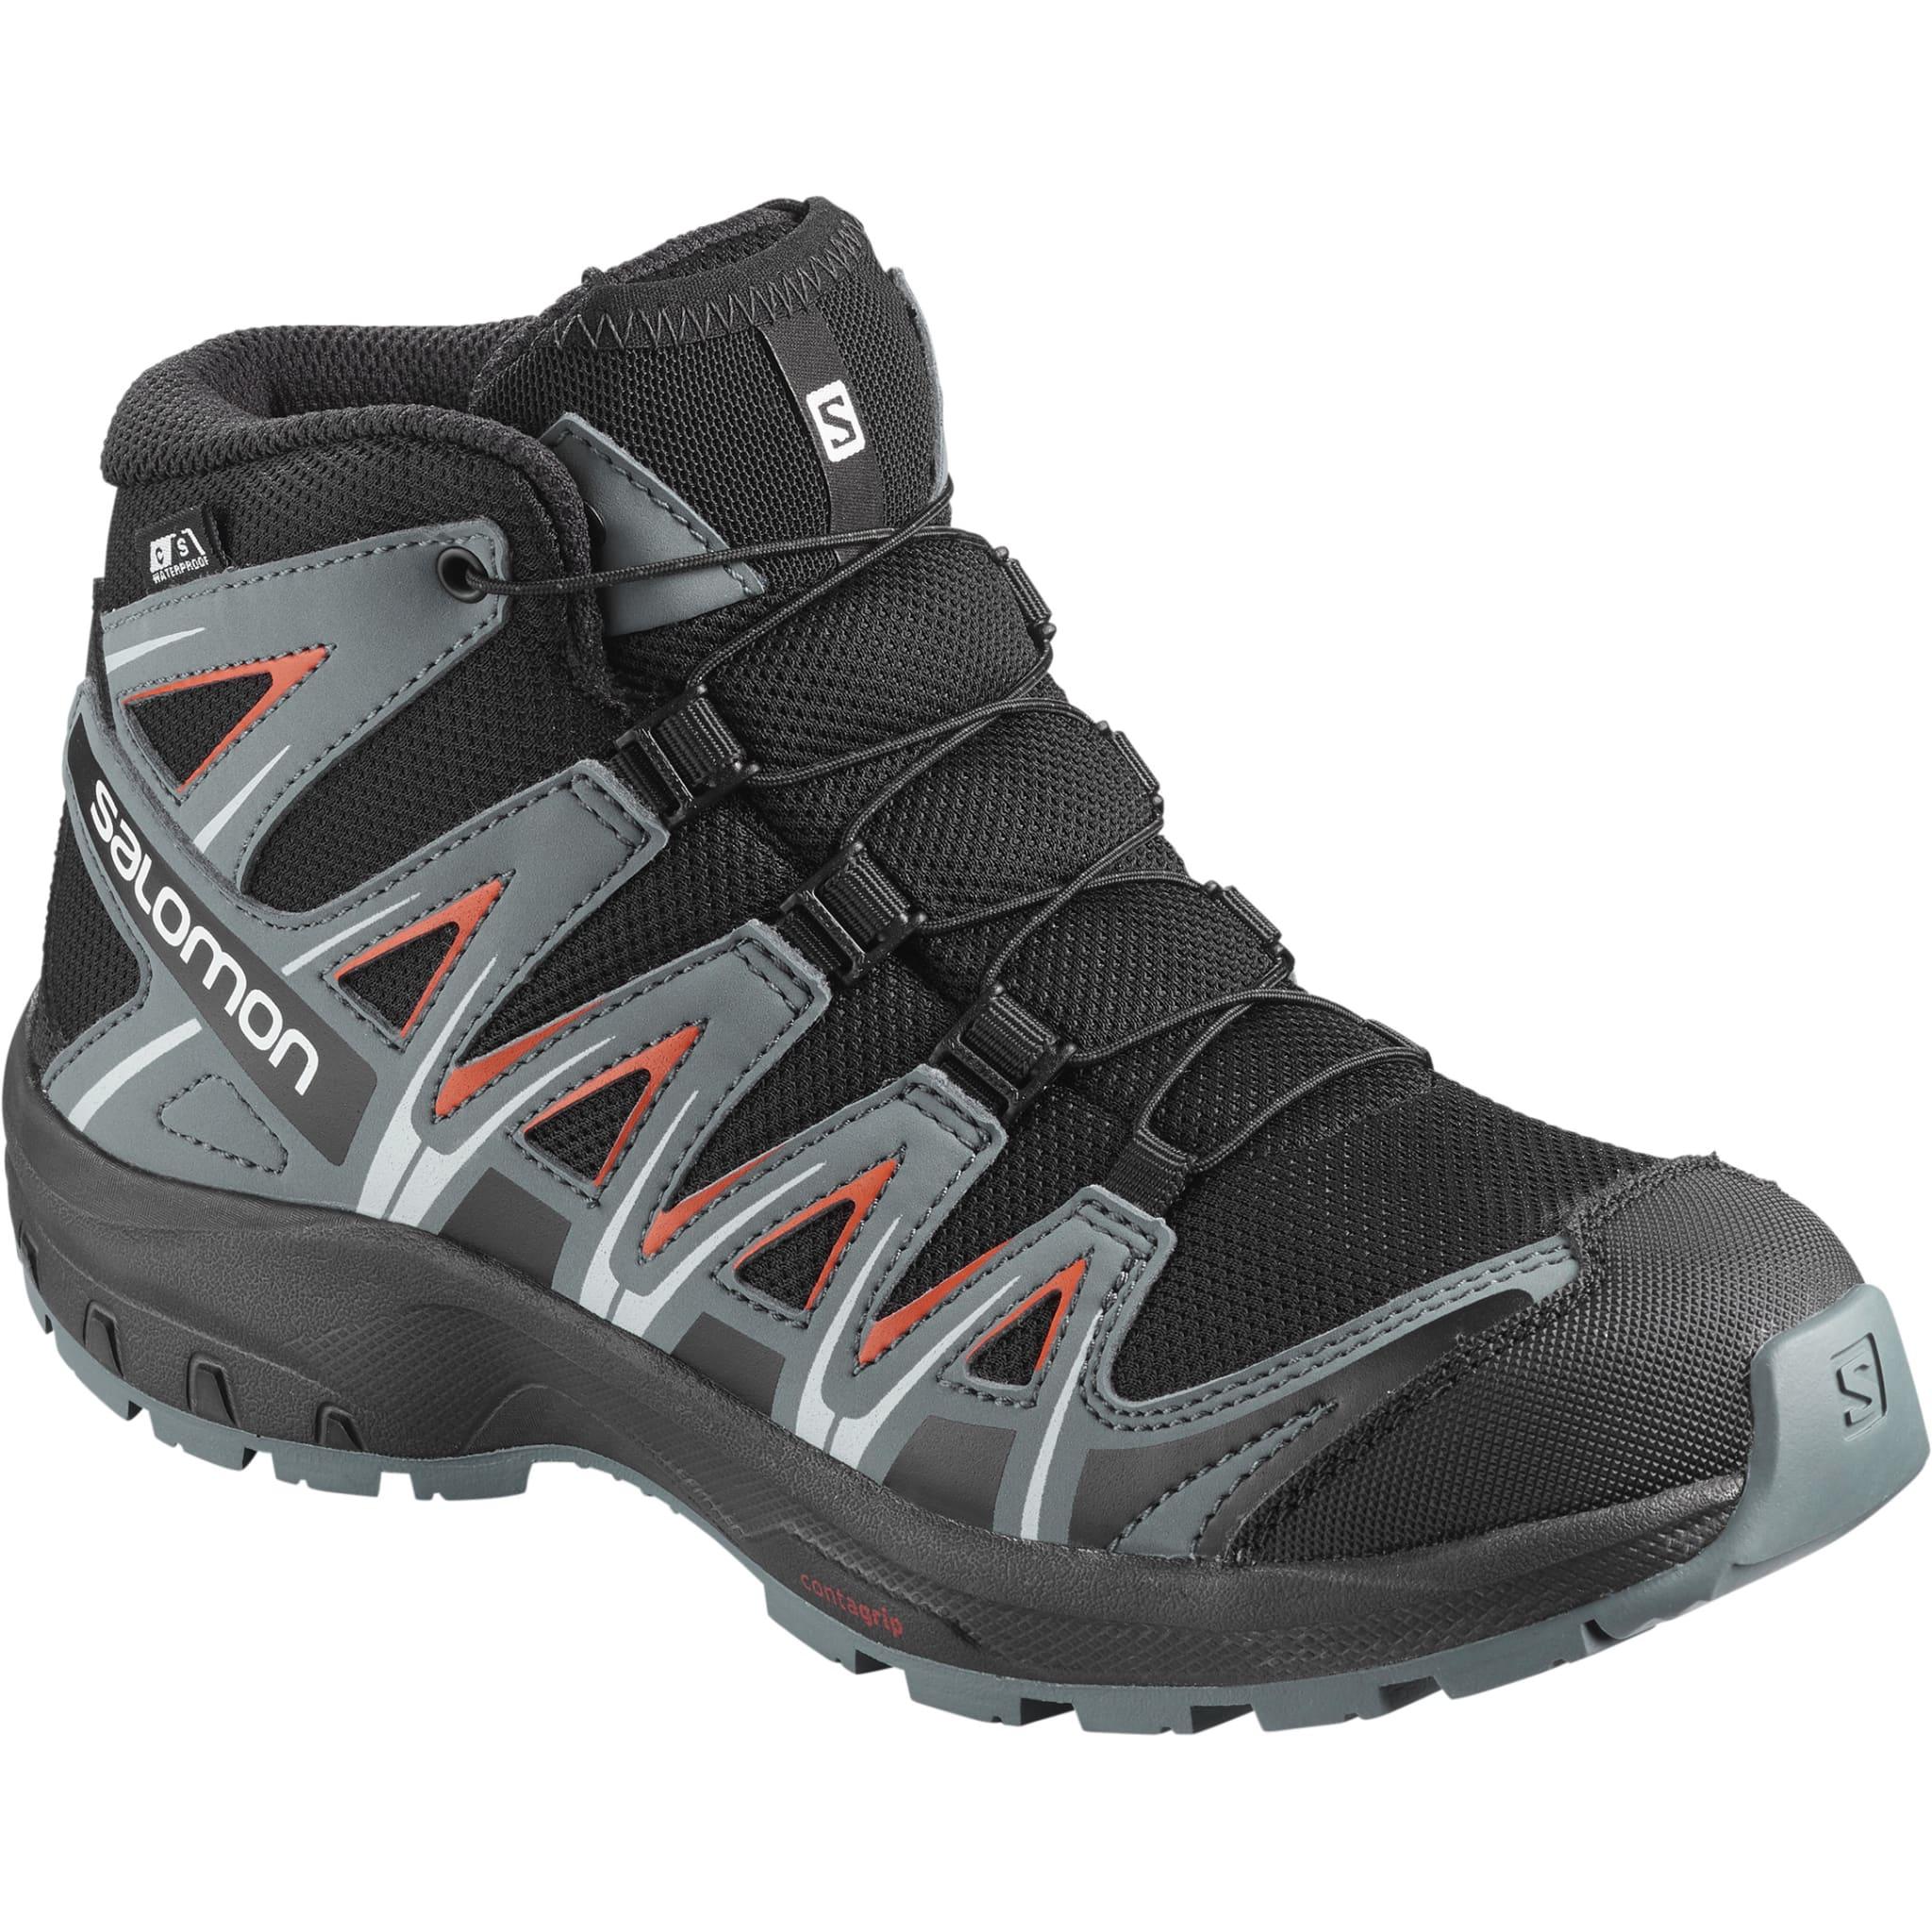 Vantett, stabil og slitesterk sko til junior